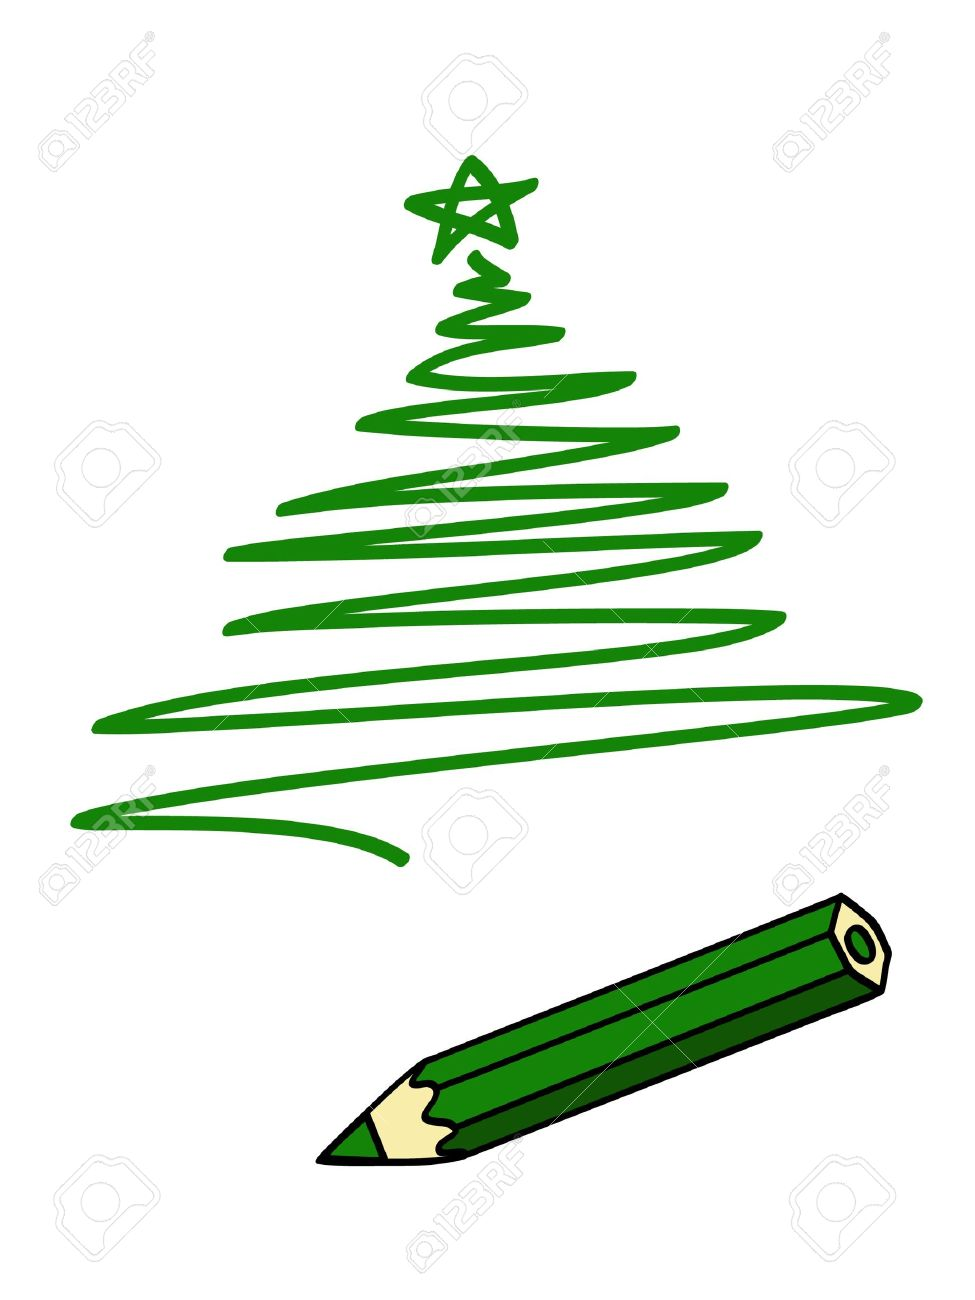 a green pencil and a green drawing of a christmas tree foto de archivo 11529825 - Dibujos Arboles De Navidad